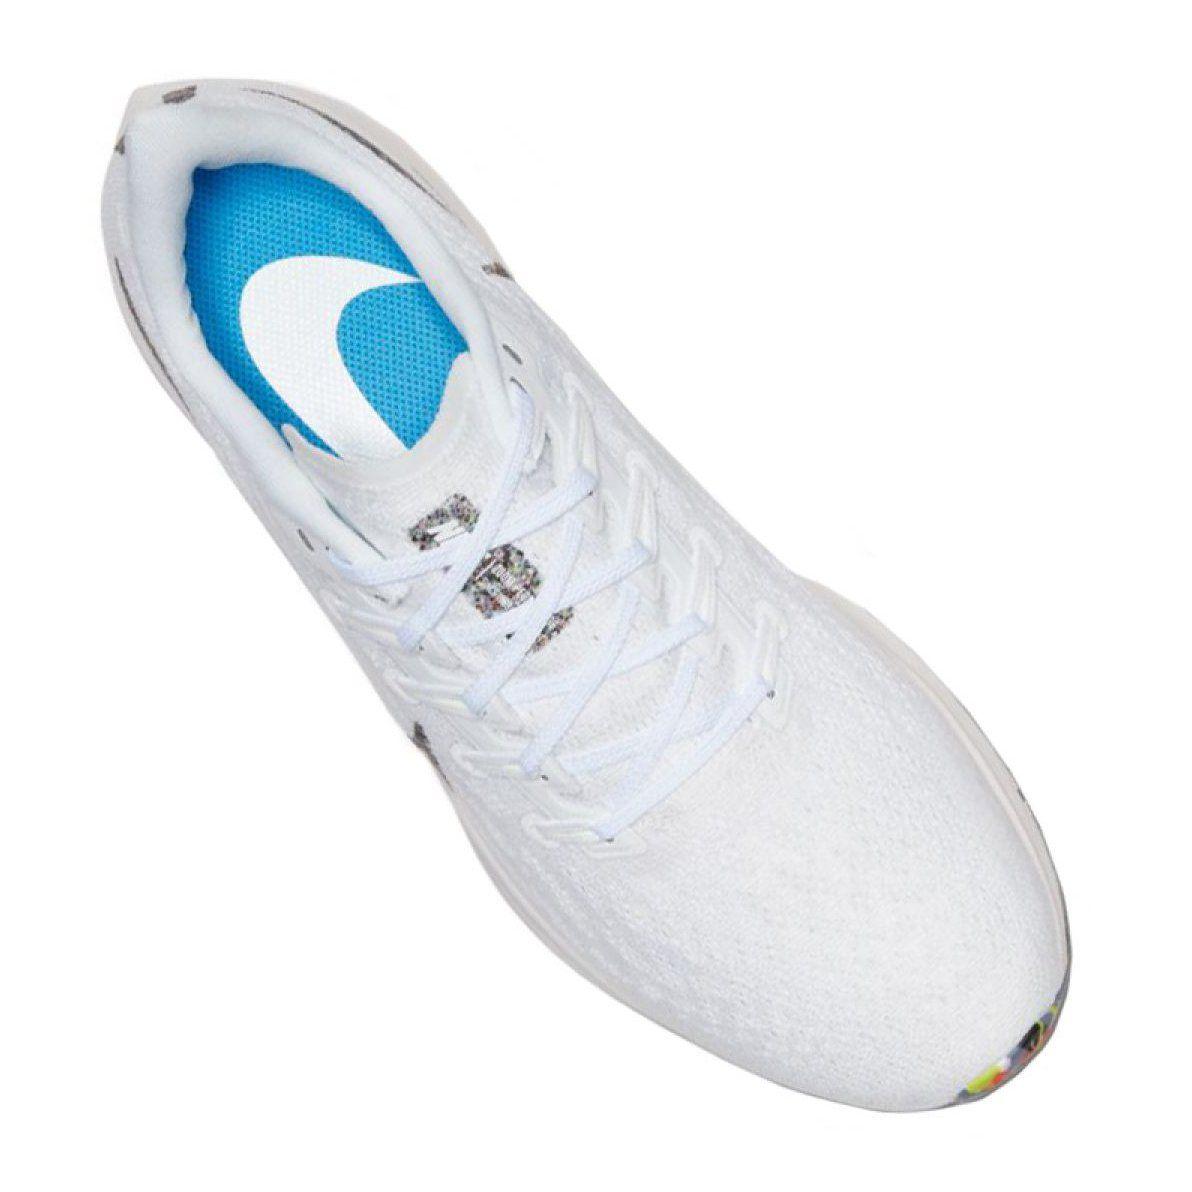 Buty Biegowe Nike Air Zoom Pegasus 36 M Bv7767 100 Biale Nike Air Zoom Pegasus Nike Air Zoom Nike Air